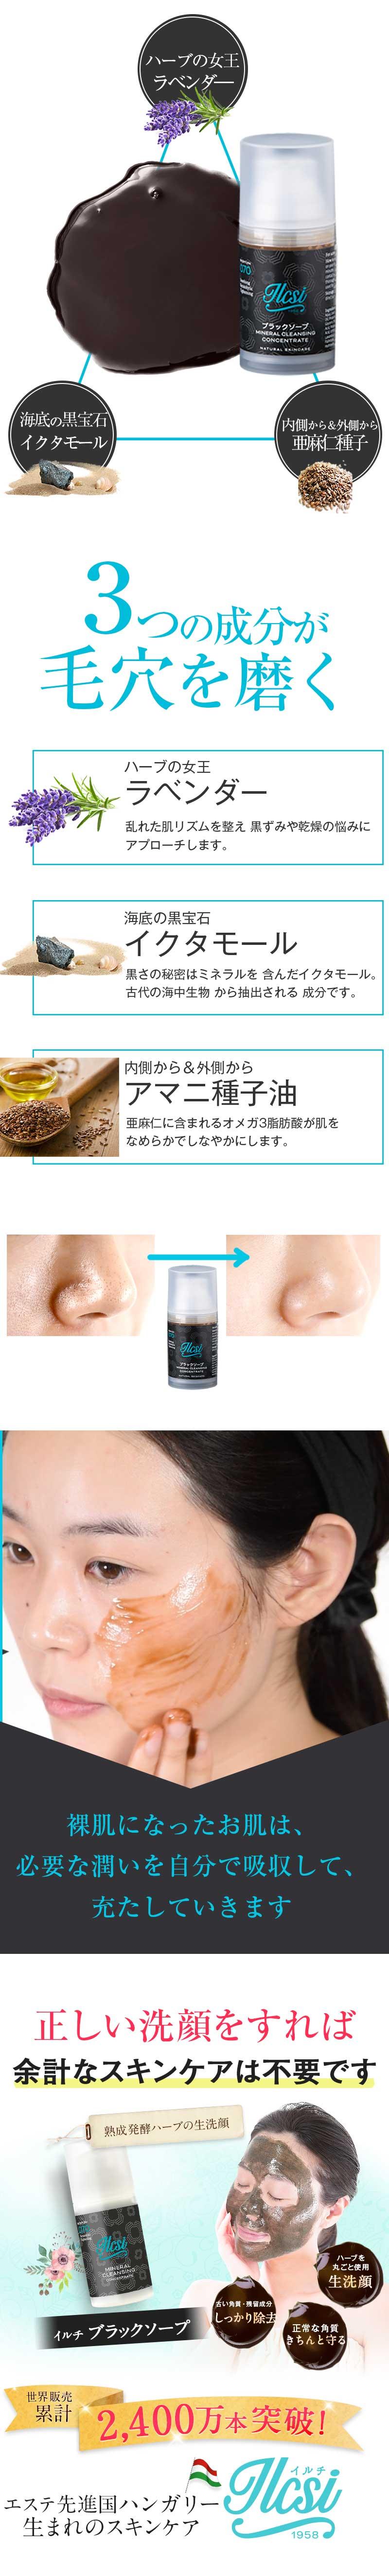 毛穴 洗顔 泡洗顔 クレンジング ニキビ 洗顔 化粧水